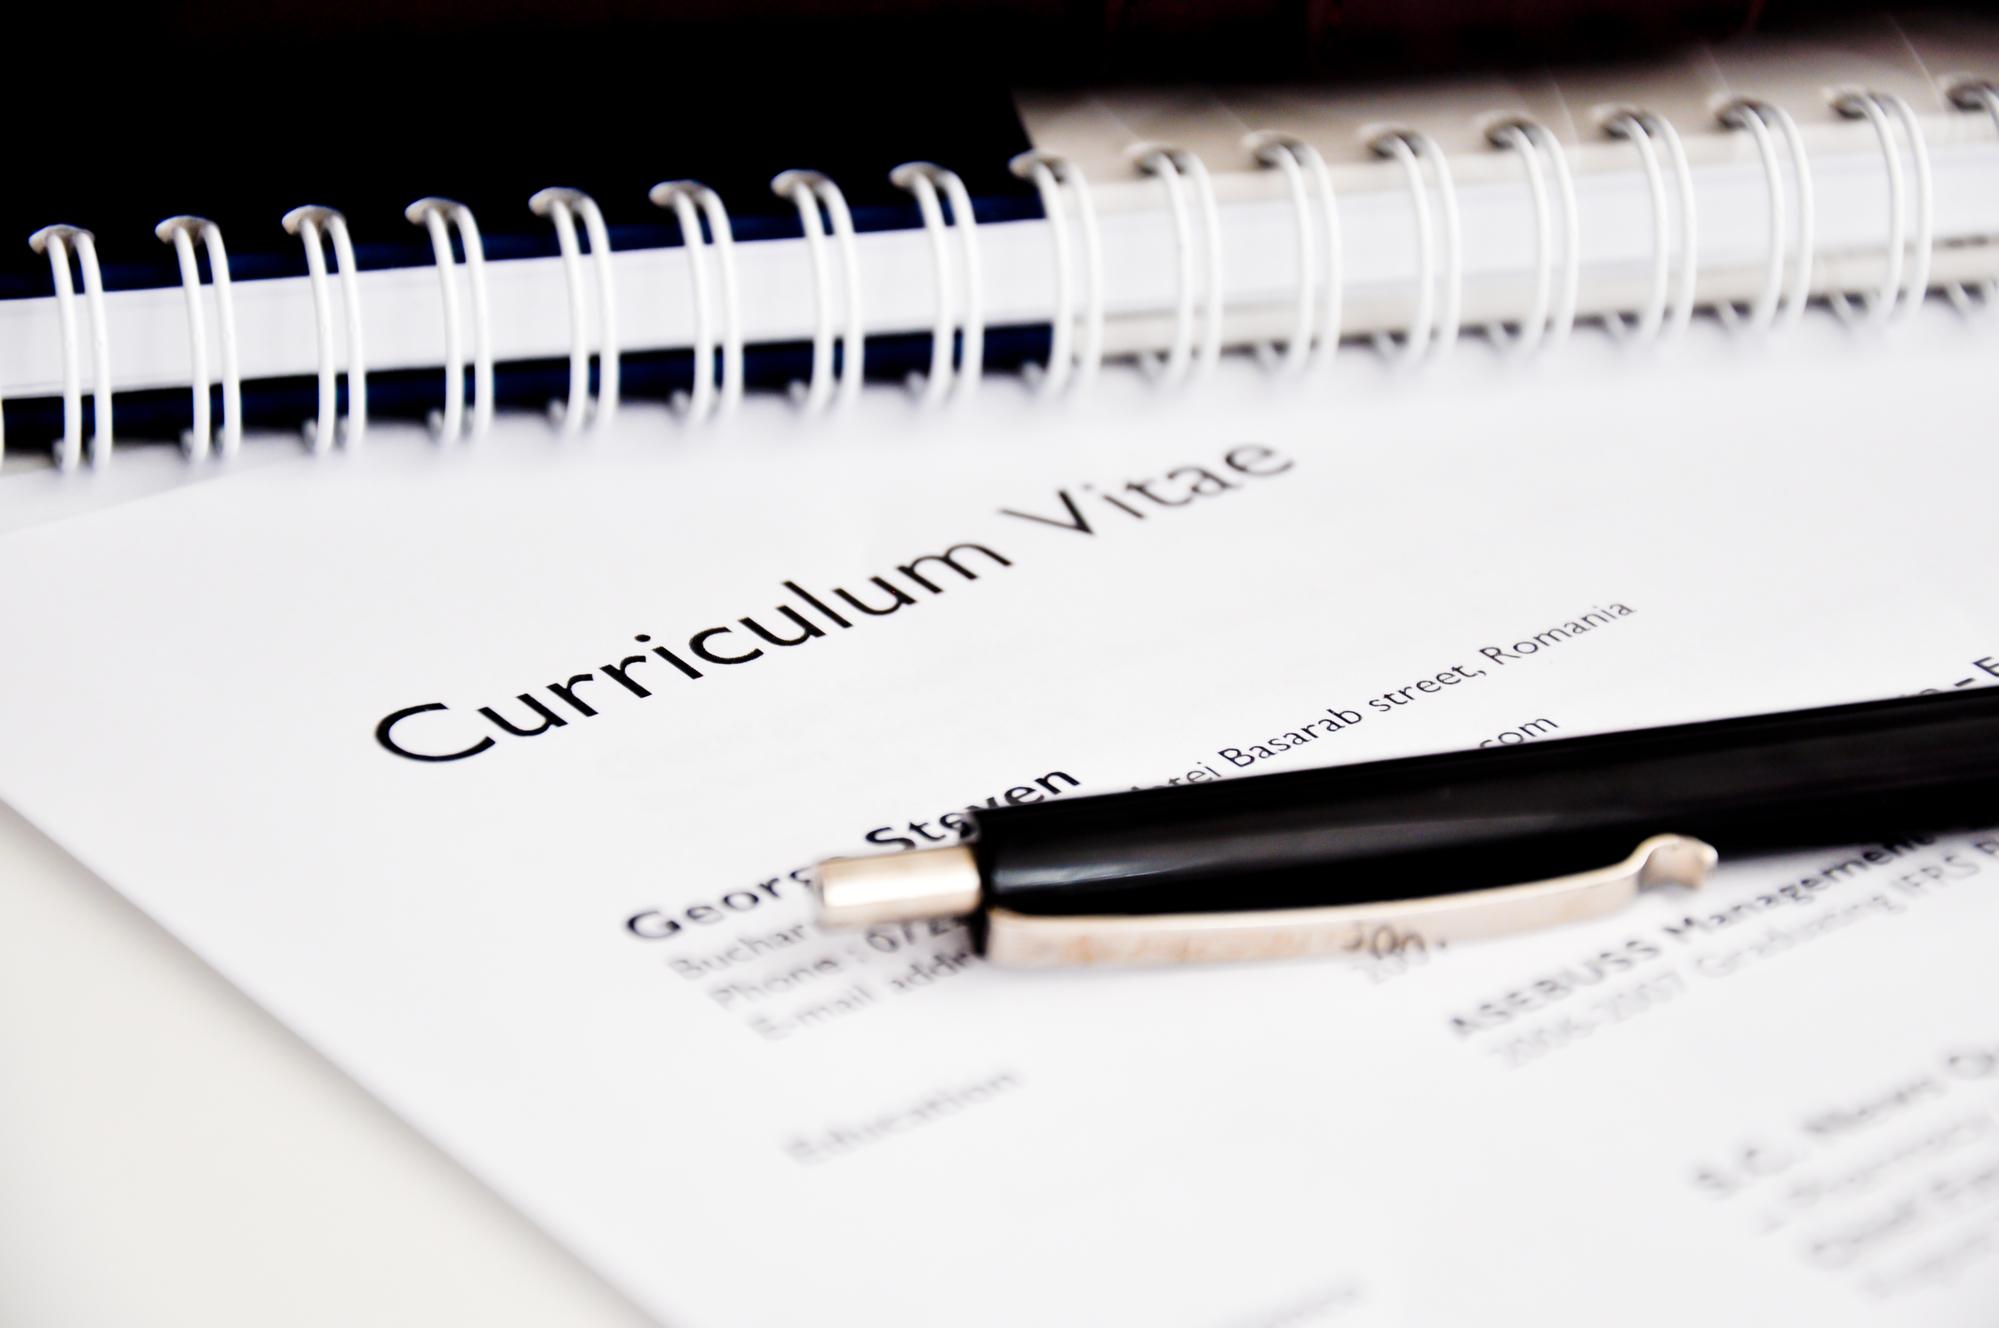 5 điều nên đề cập trong CV giới thiệu bản thân để tạo thiện cảm với nhà tuyển dụng